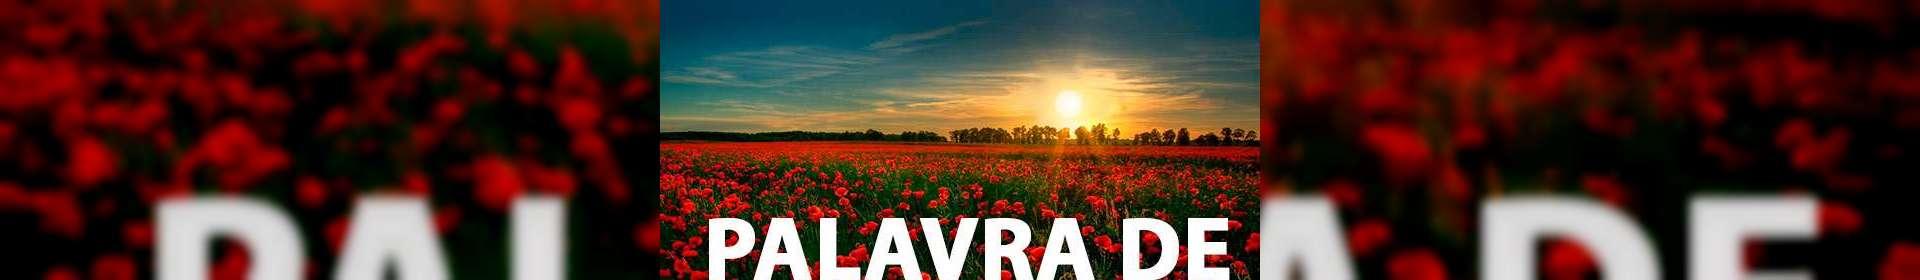 Êxodo 12:11 - Uma Palavra de Esperança para sua vida